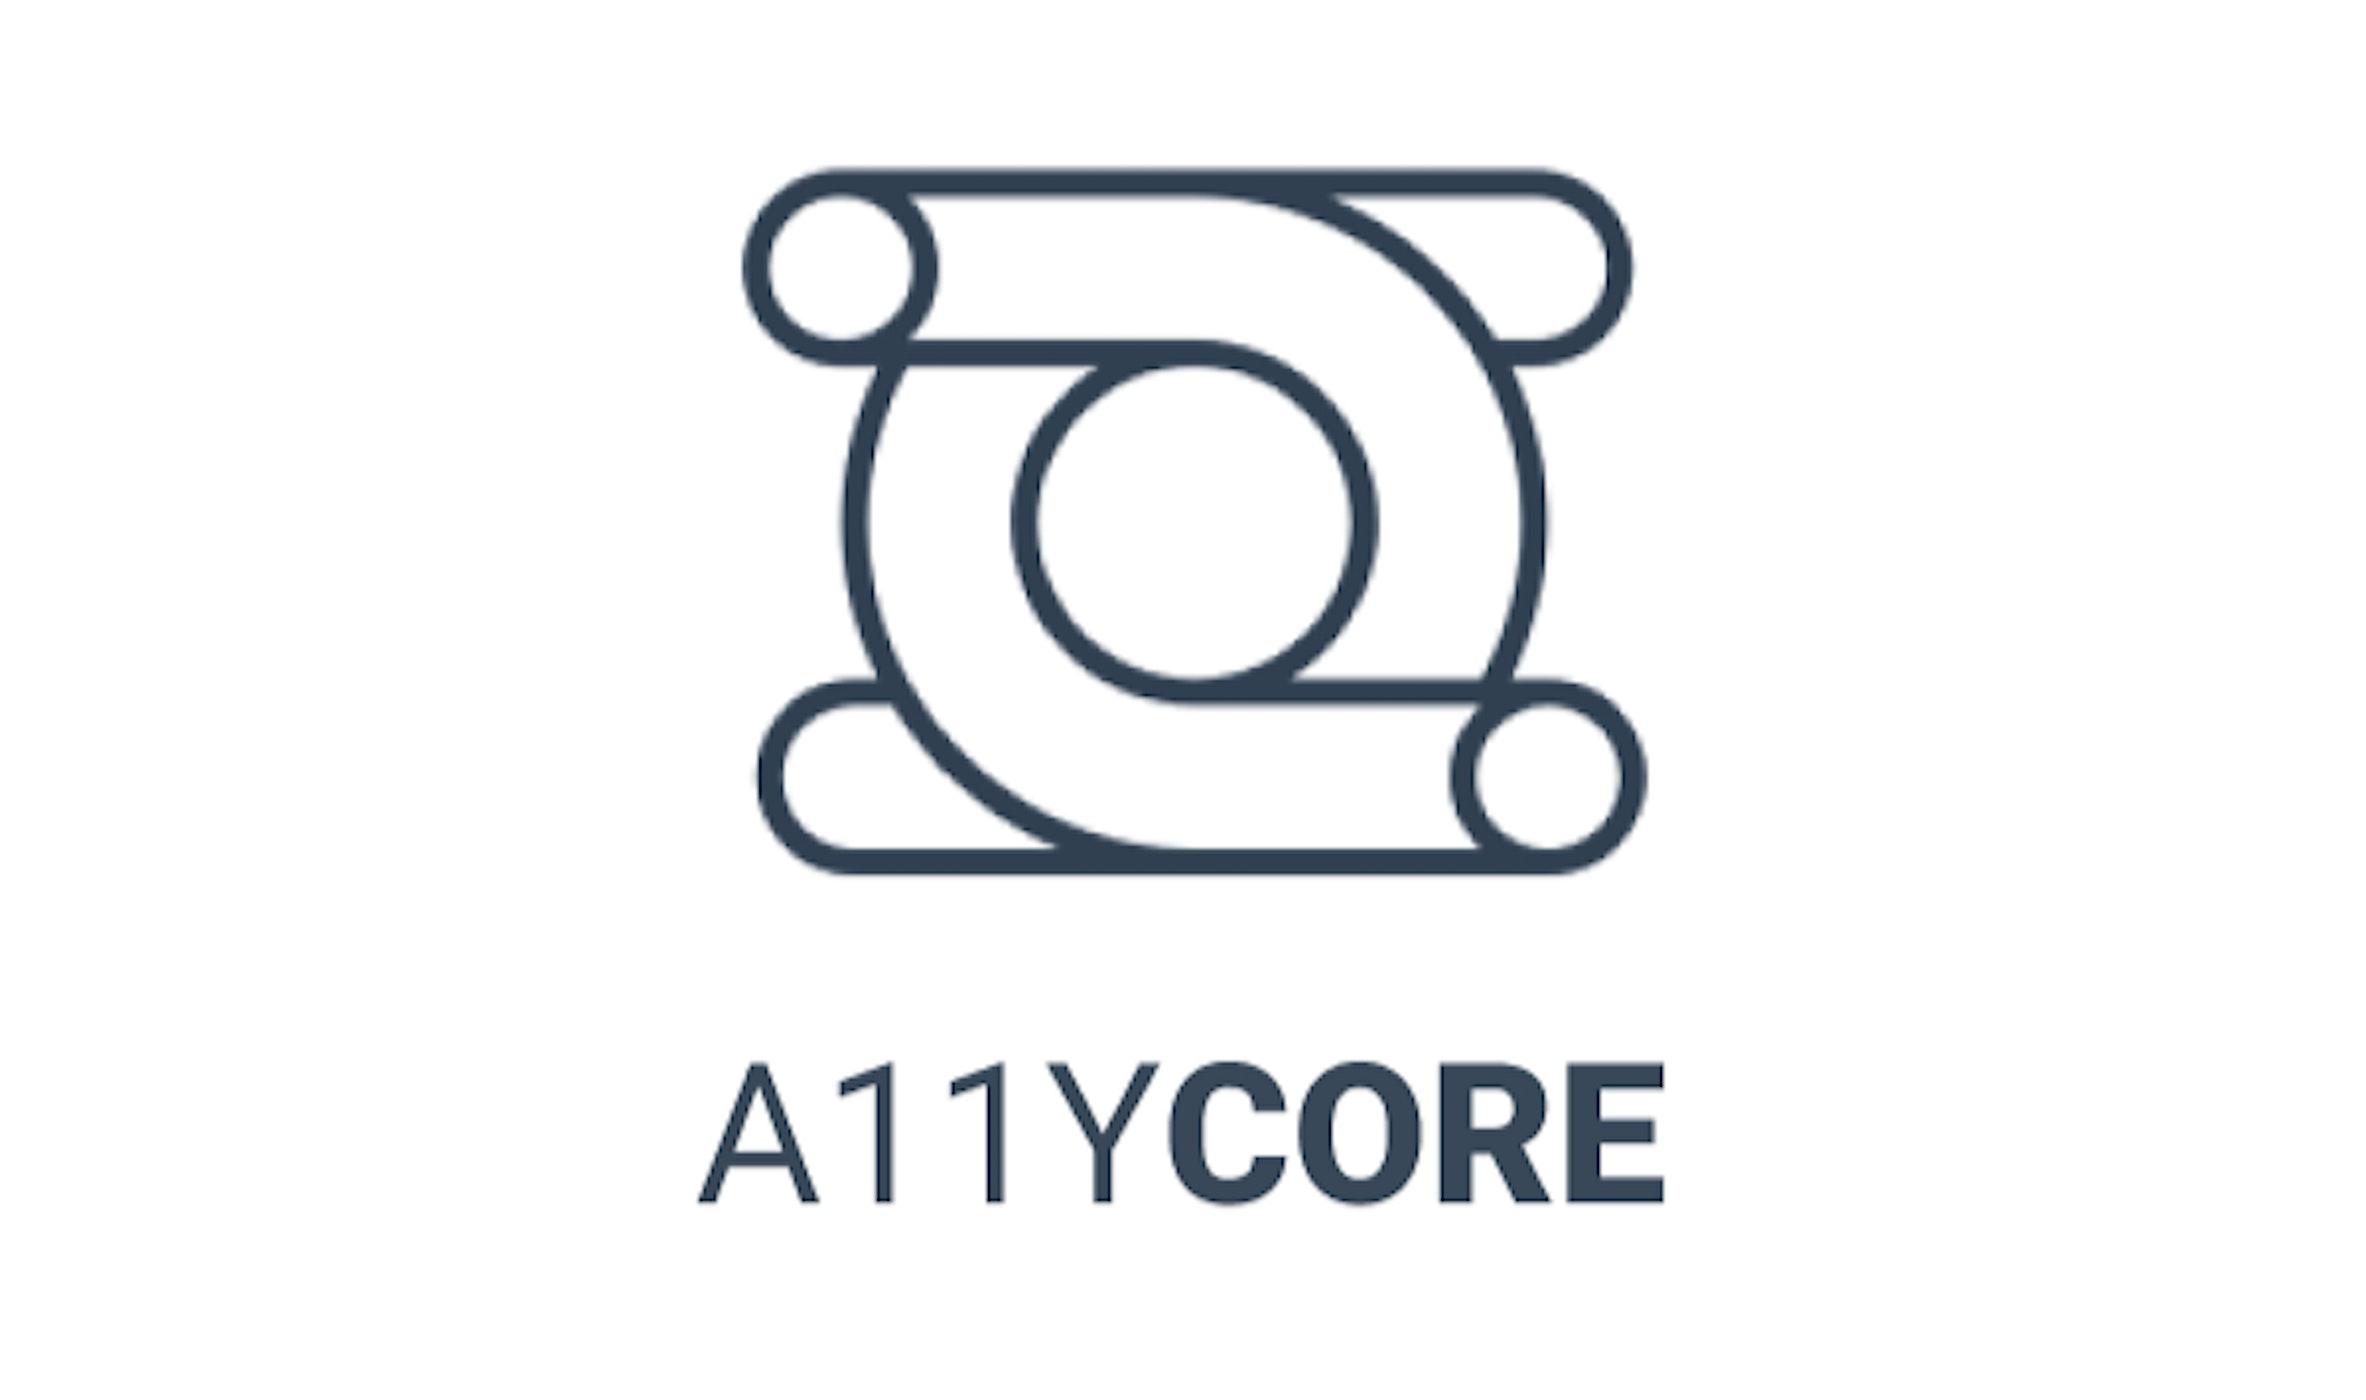 a11ycore logo